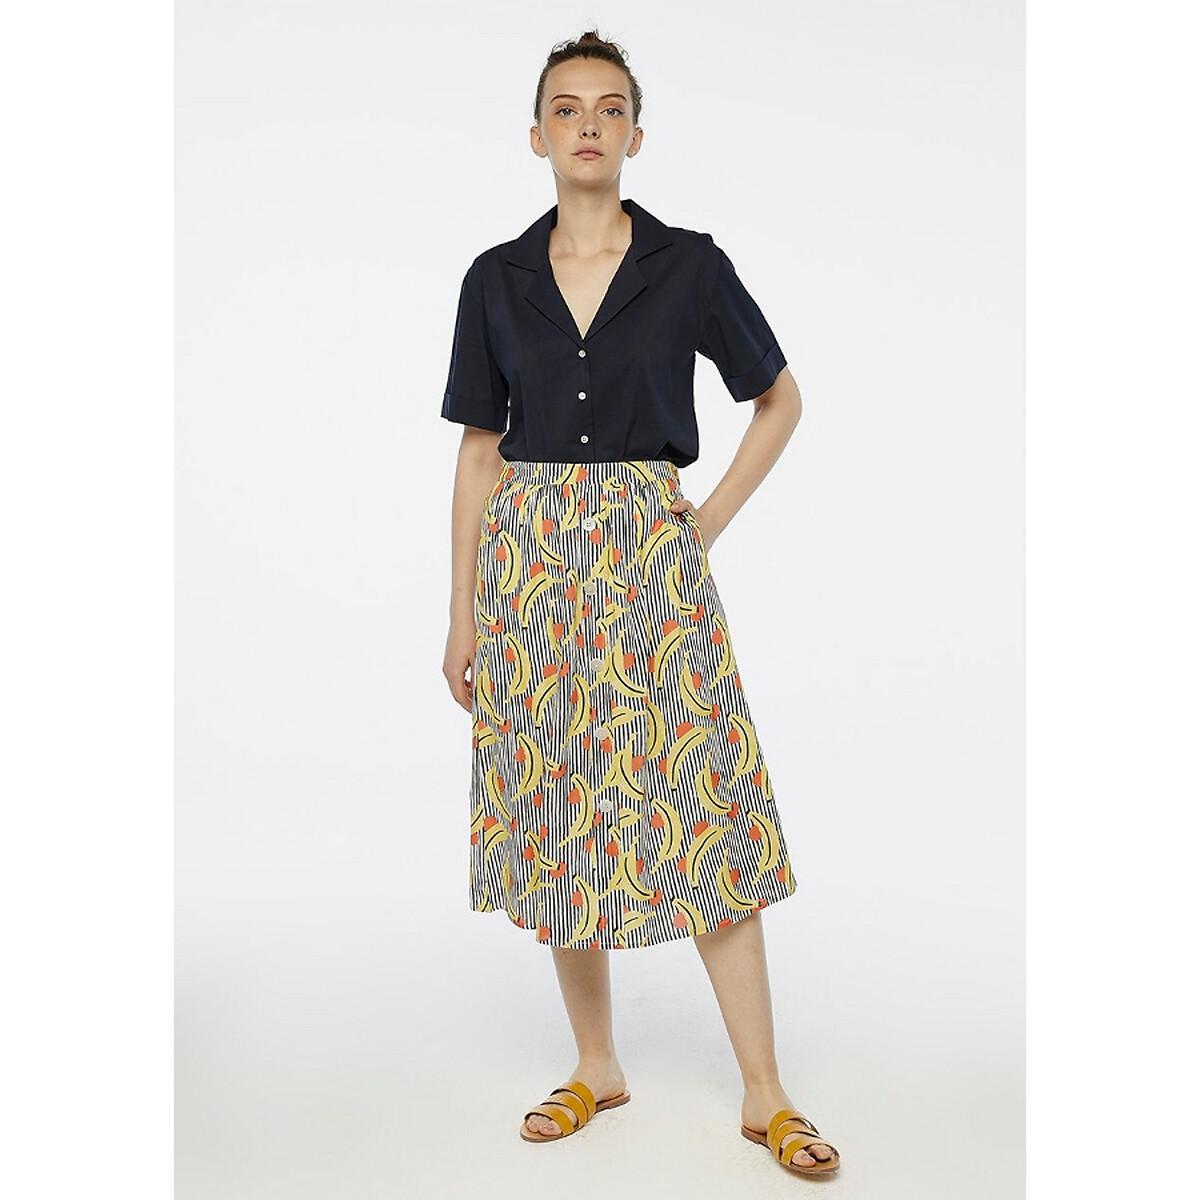 Юбка-миди La Redoute С завышенной талией с карманами и принтом M черный брюки la redoute широкие с завышенной талией и стилизованным рисунком m красный